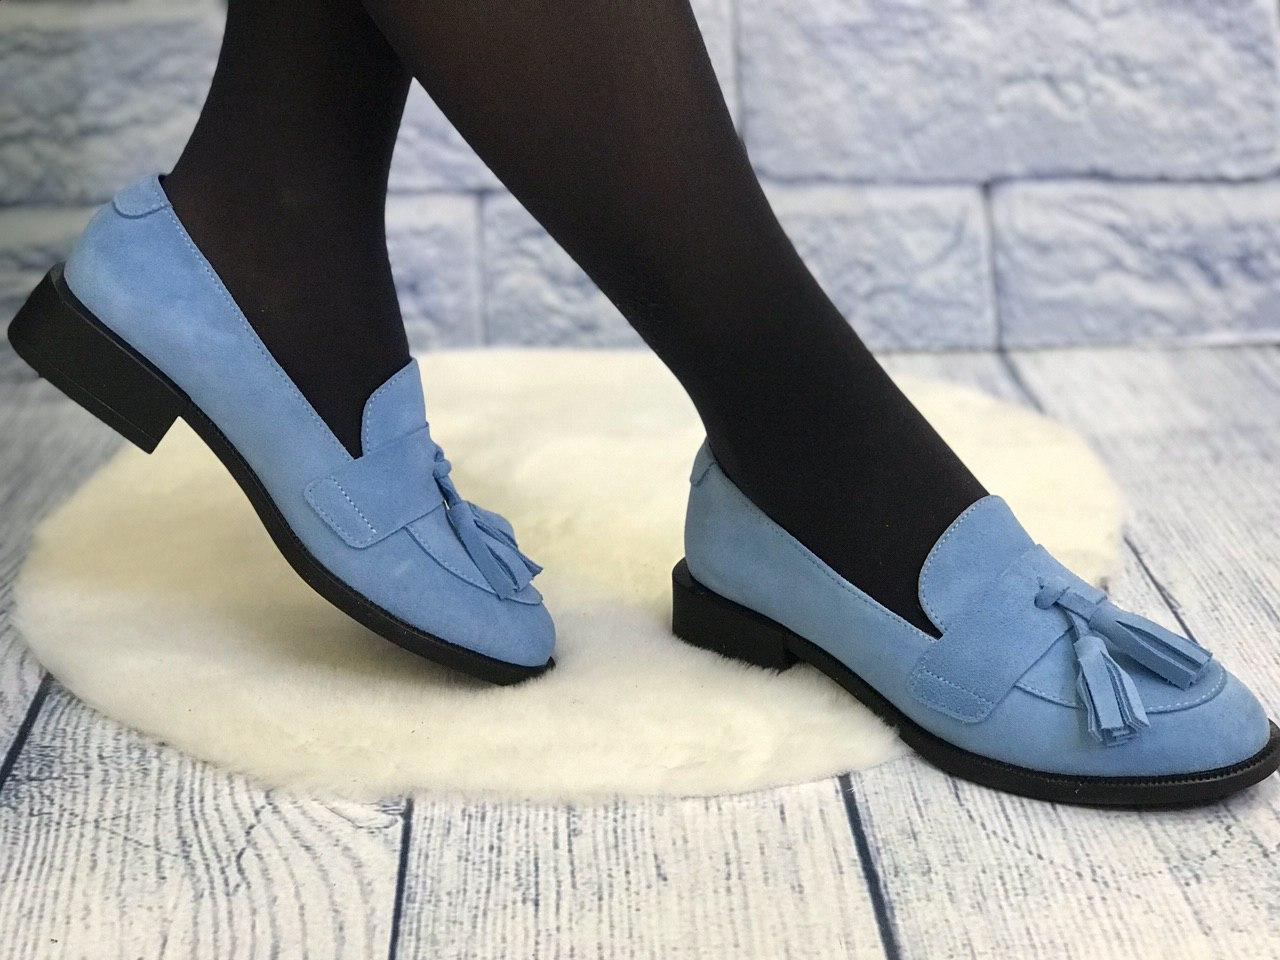 Замшевые туфли лоферы женские весна лето осень кожа низкий каблук туфли размеры 36-41